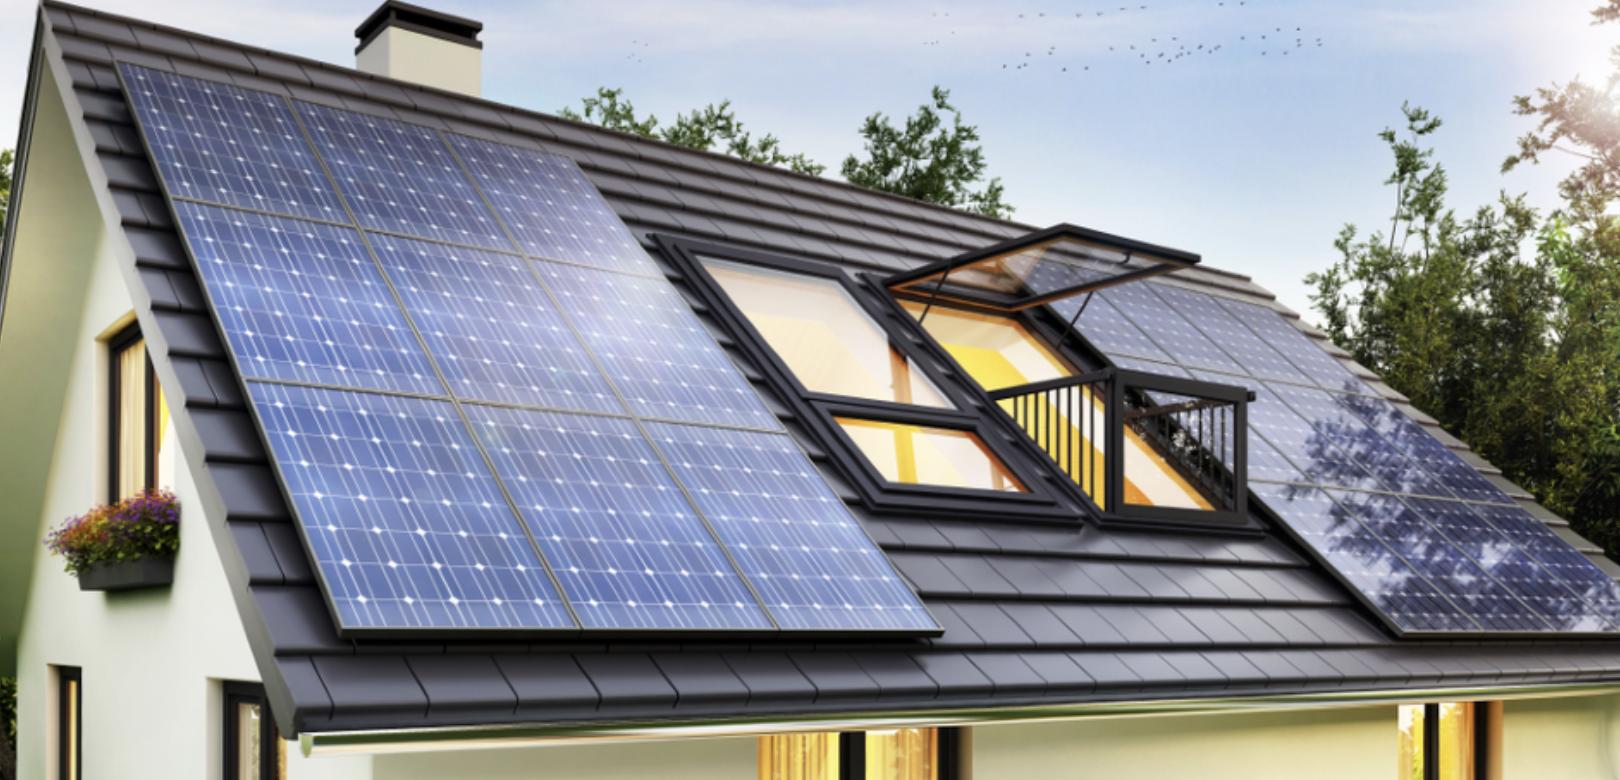 install solar panels